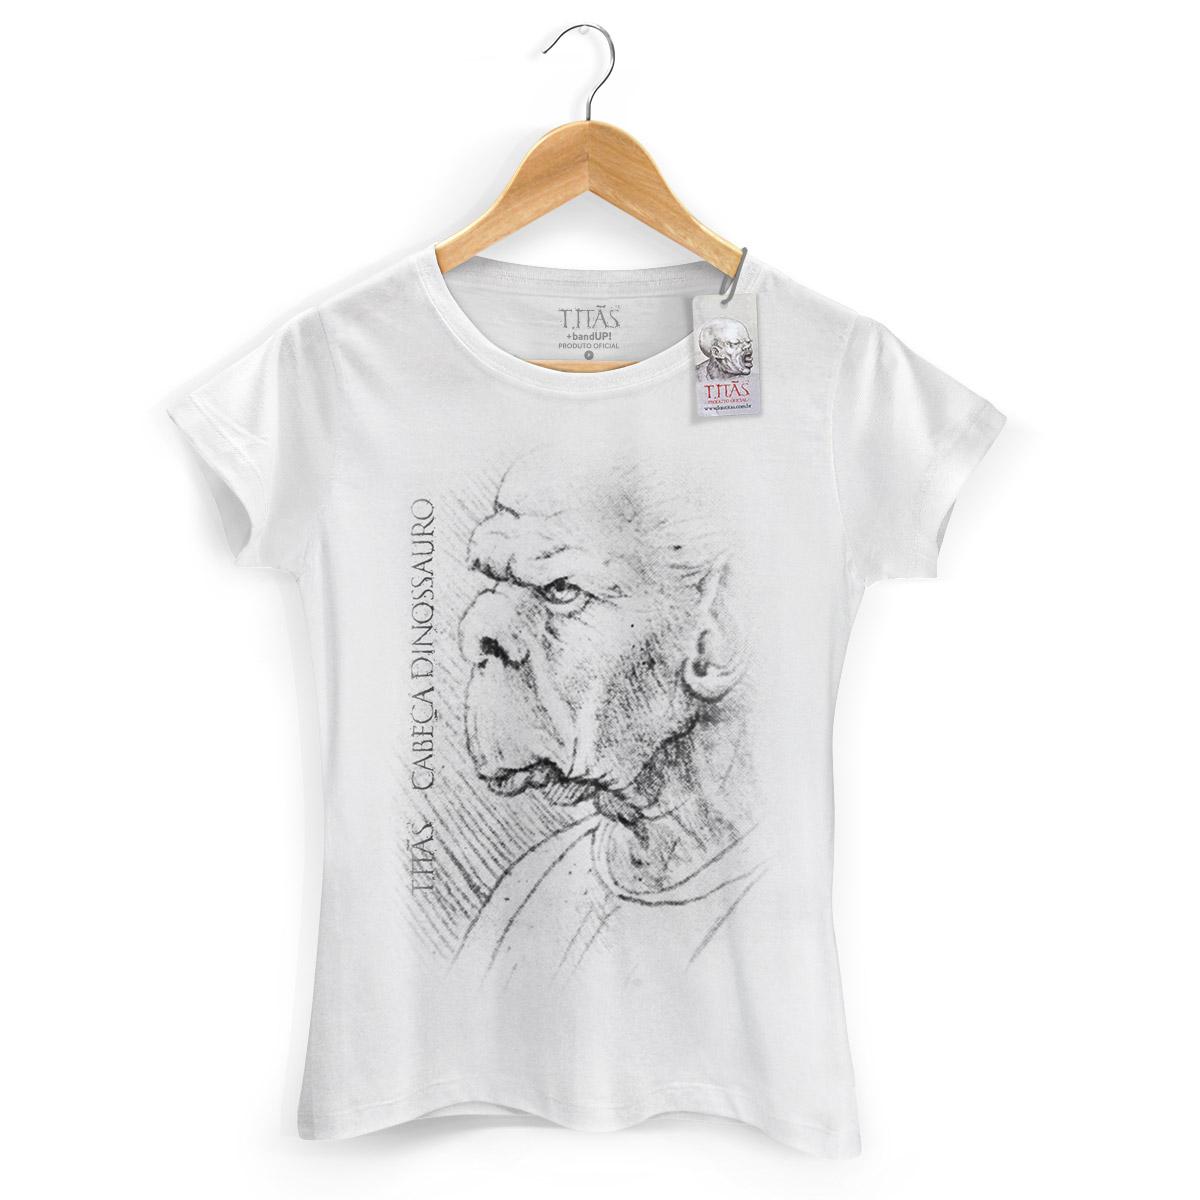 Camiseta Feminina Titãs Cabeça Dinossauro 2